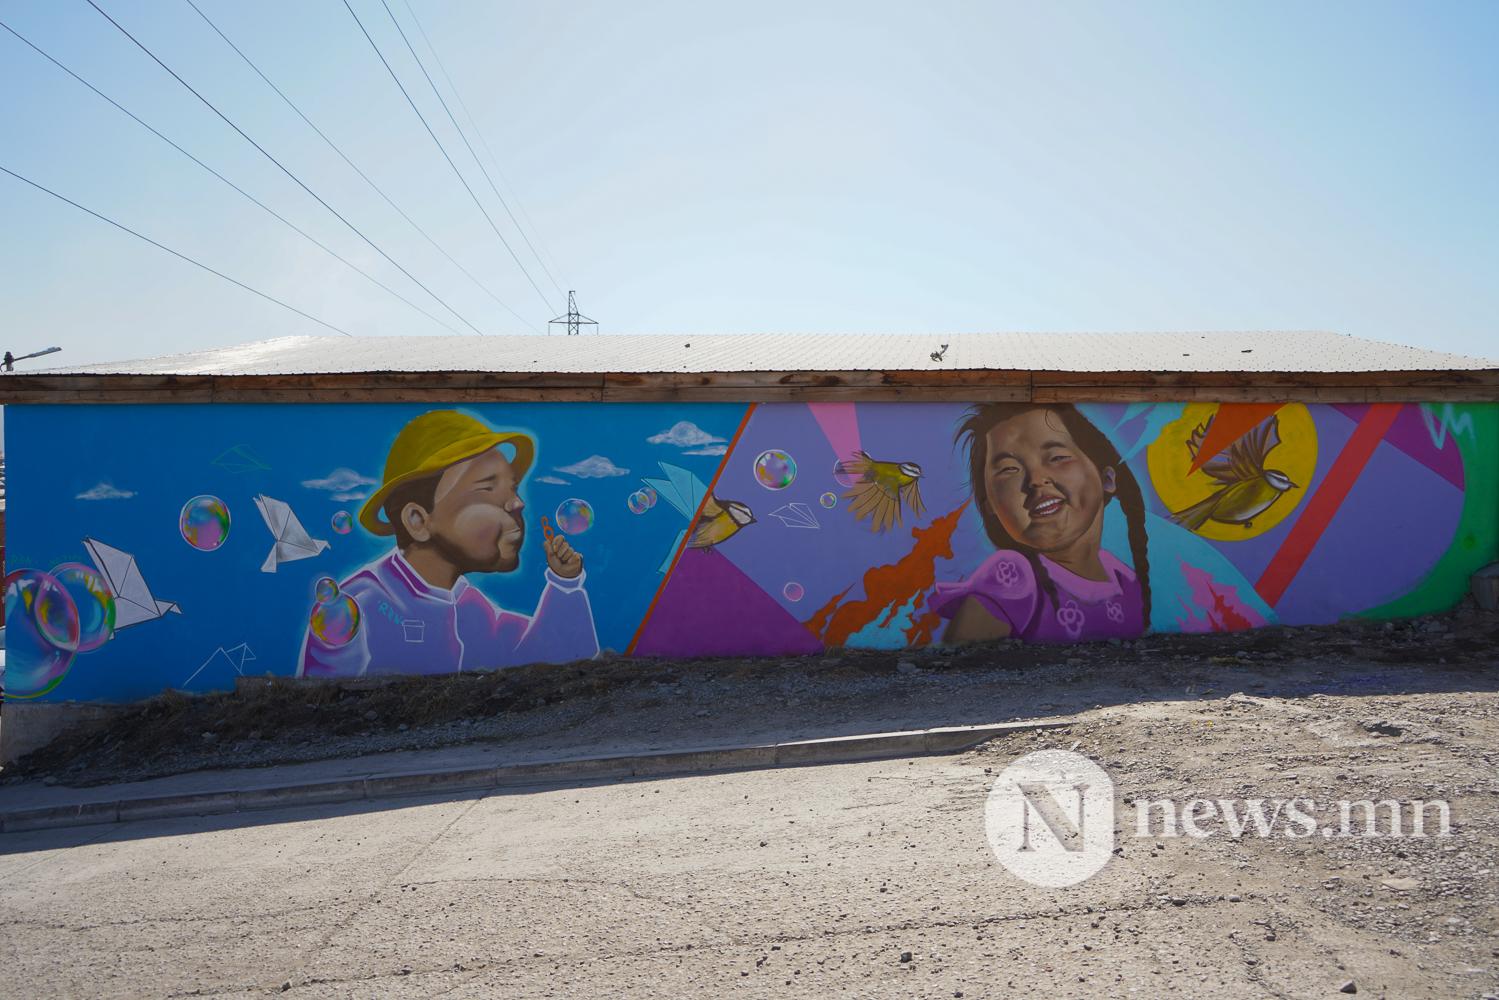 Дэнжийн мянга ногоон нуур street art (15 of 23)